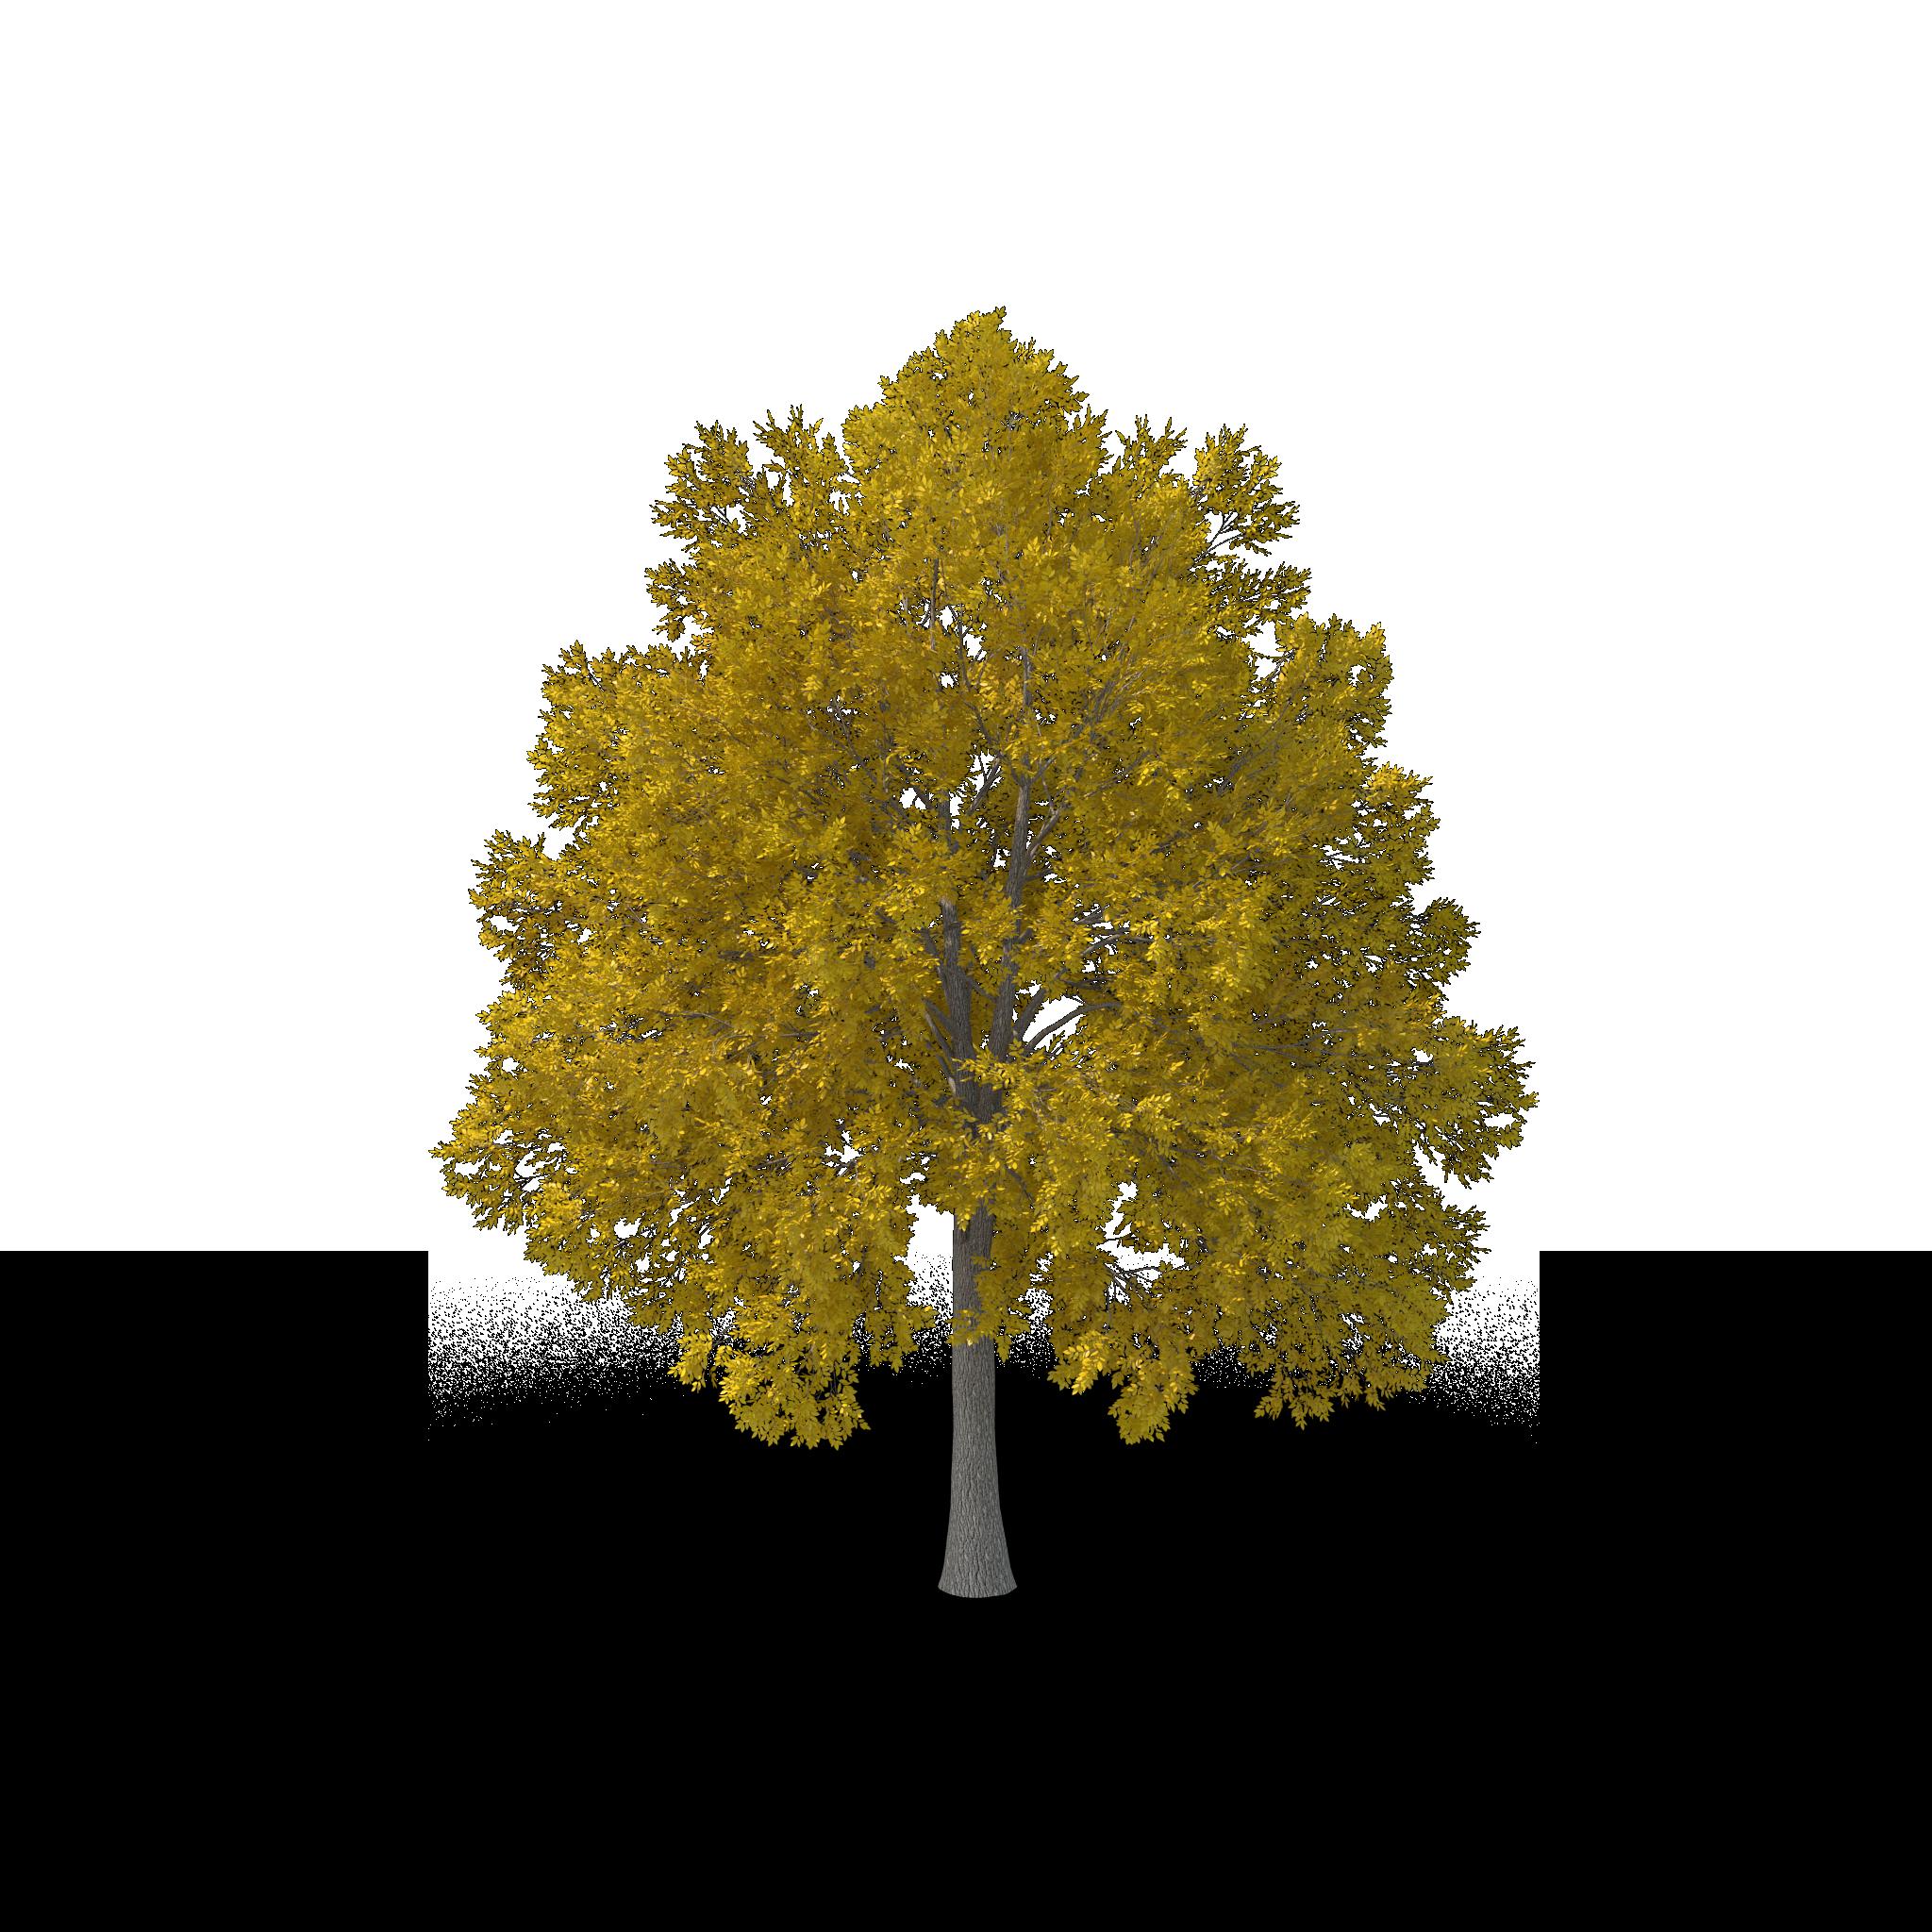 Tree-arborist-near-me